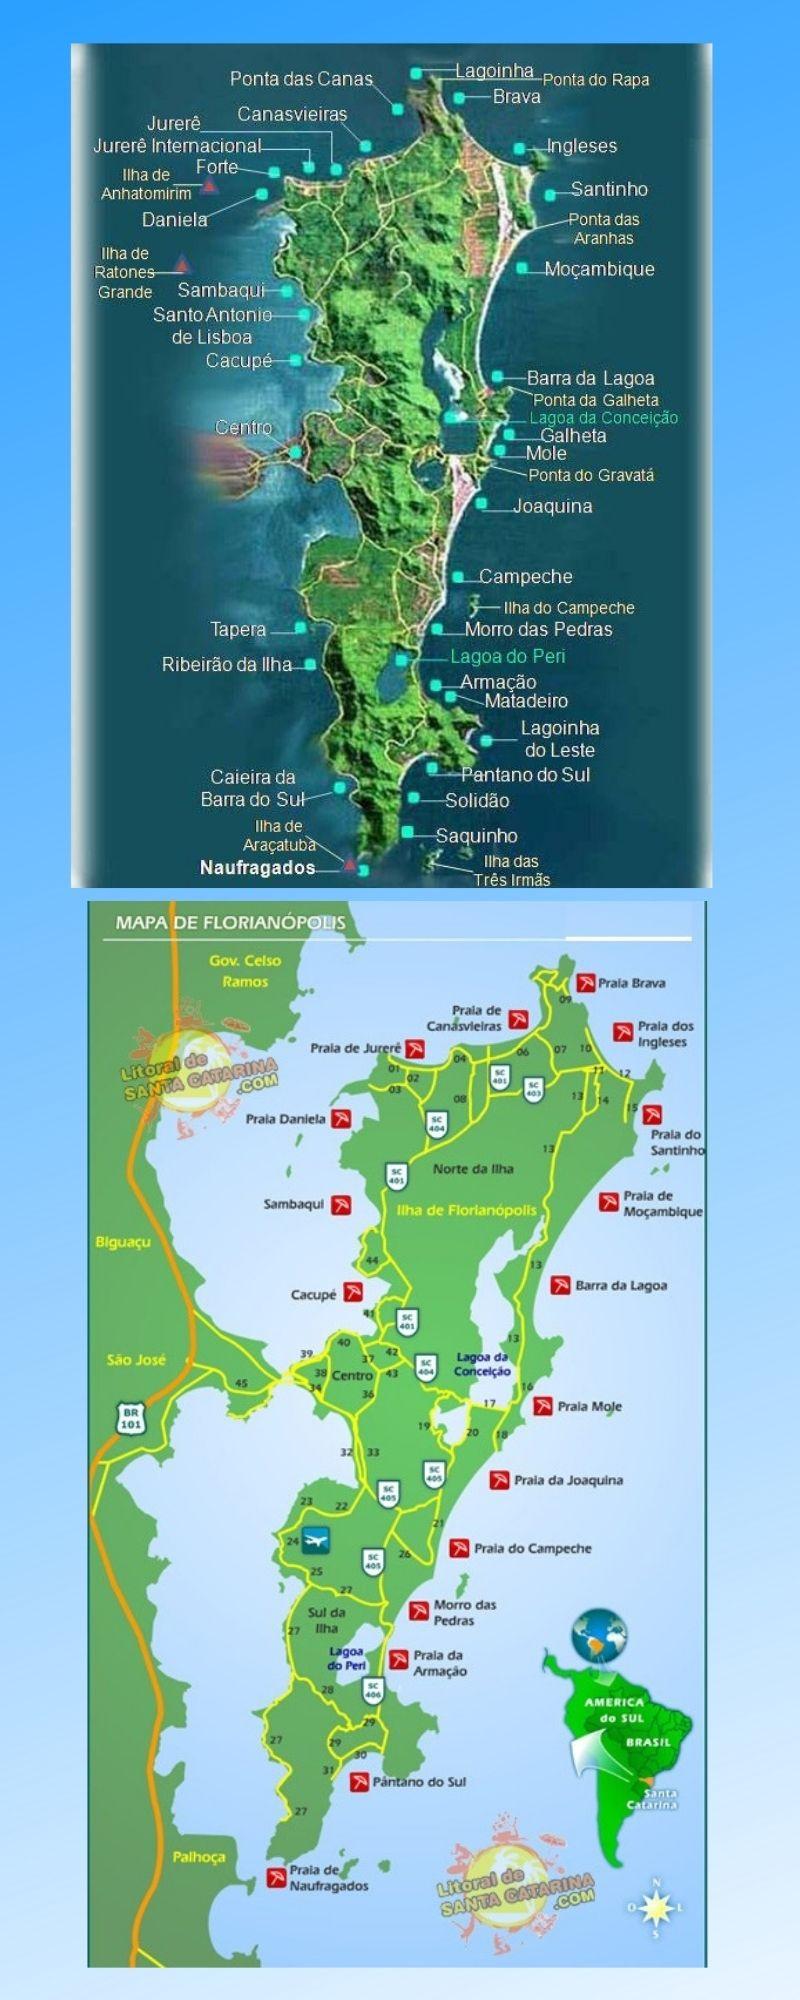 Infográfico Atrações Turísticas de Santa Catarina (Florianópolis e Litoral Norte) 2